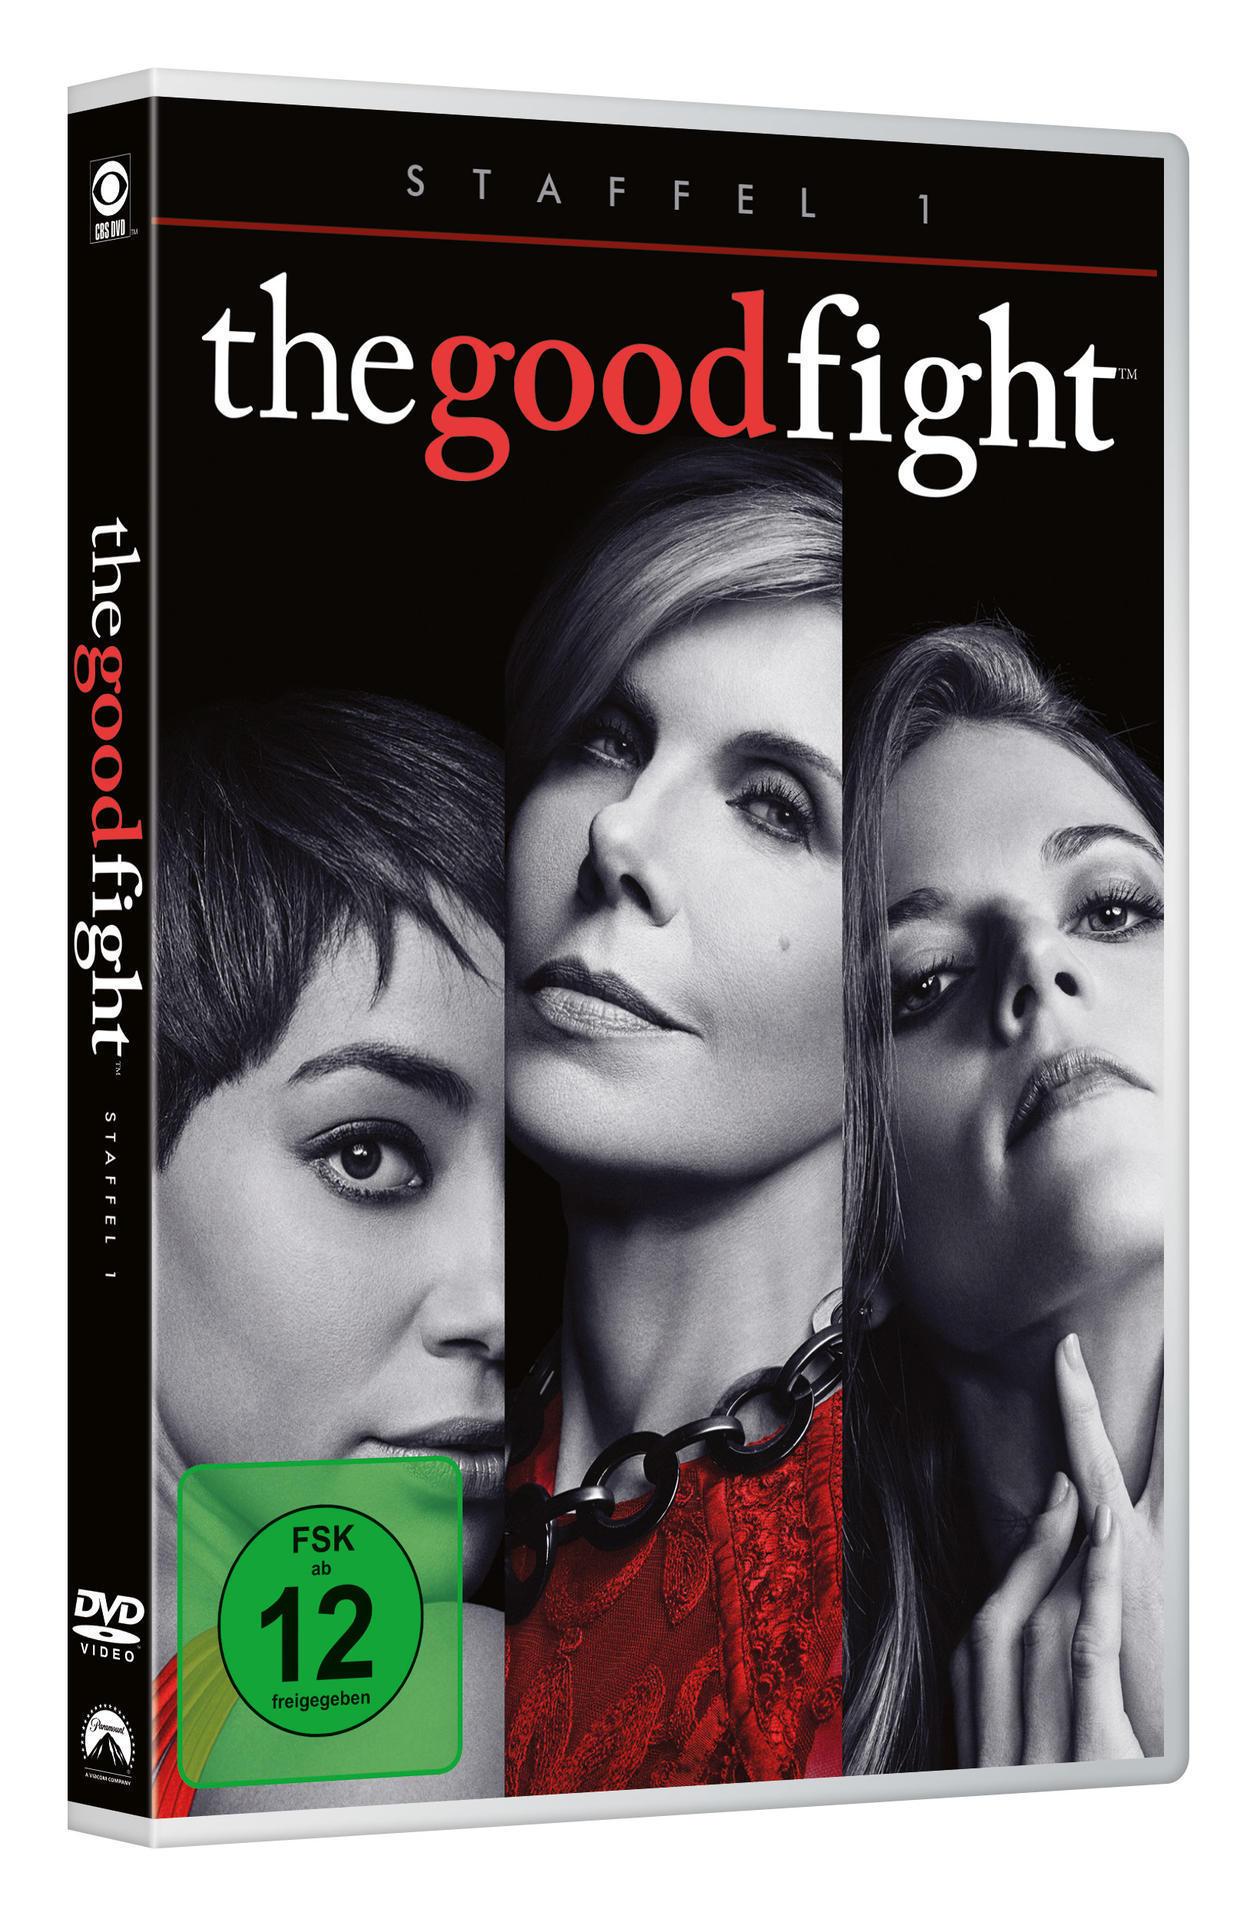 The Good Fight - Staffel 1 DVD-Box (DVD) für 14,99 Euro